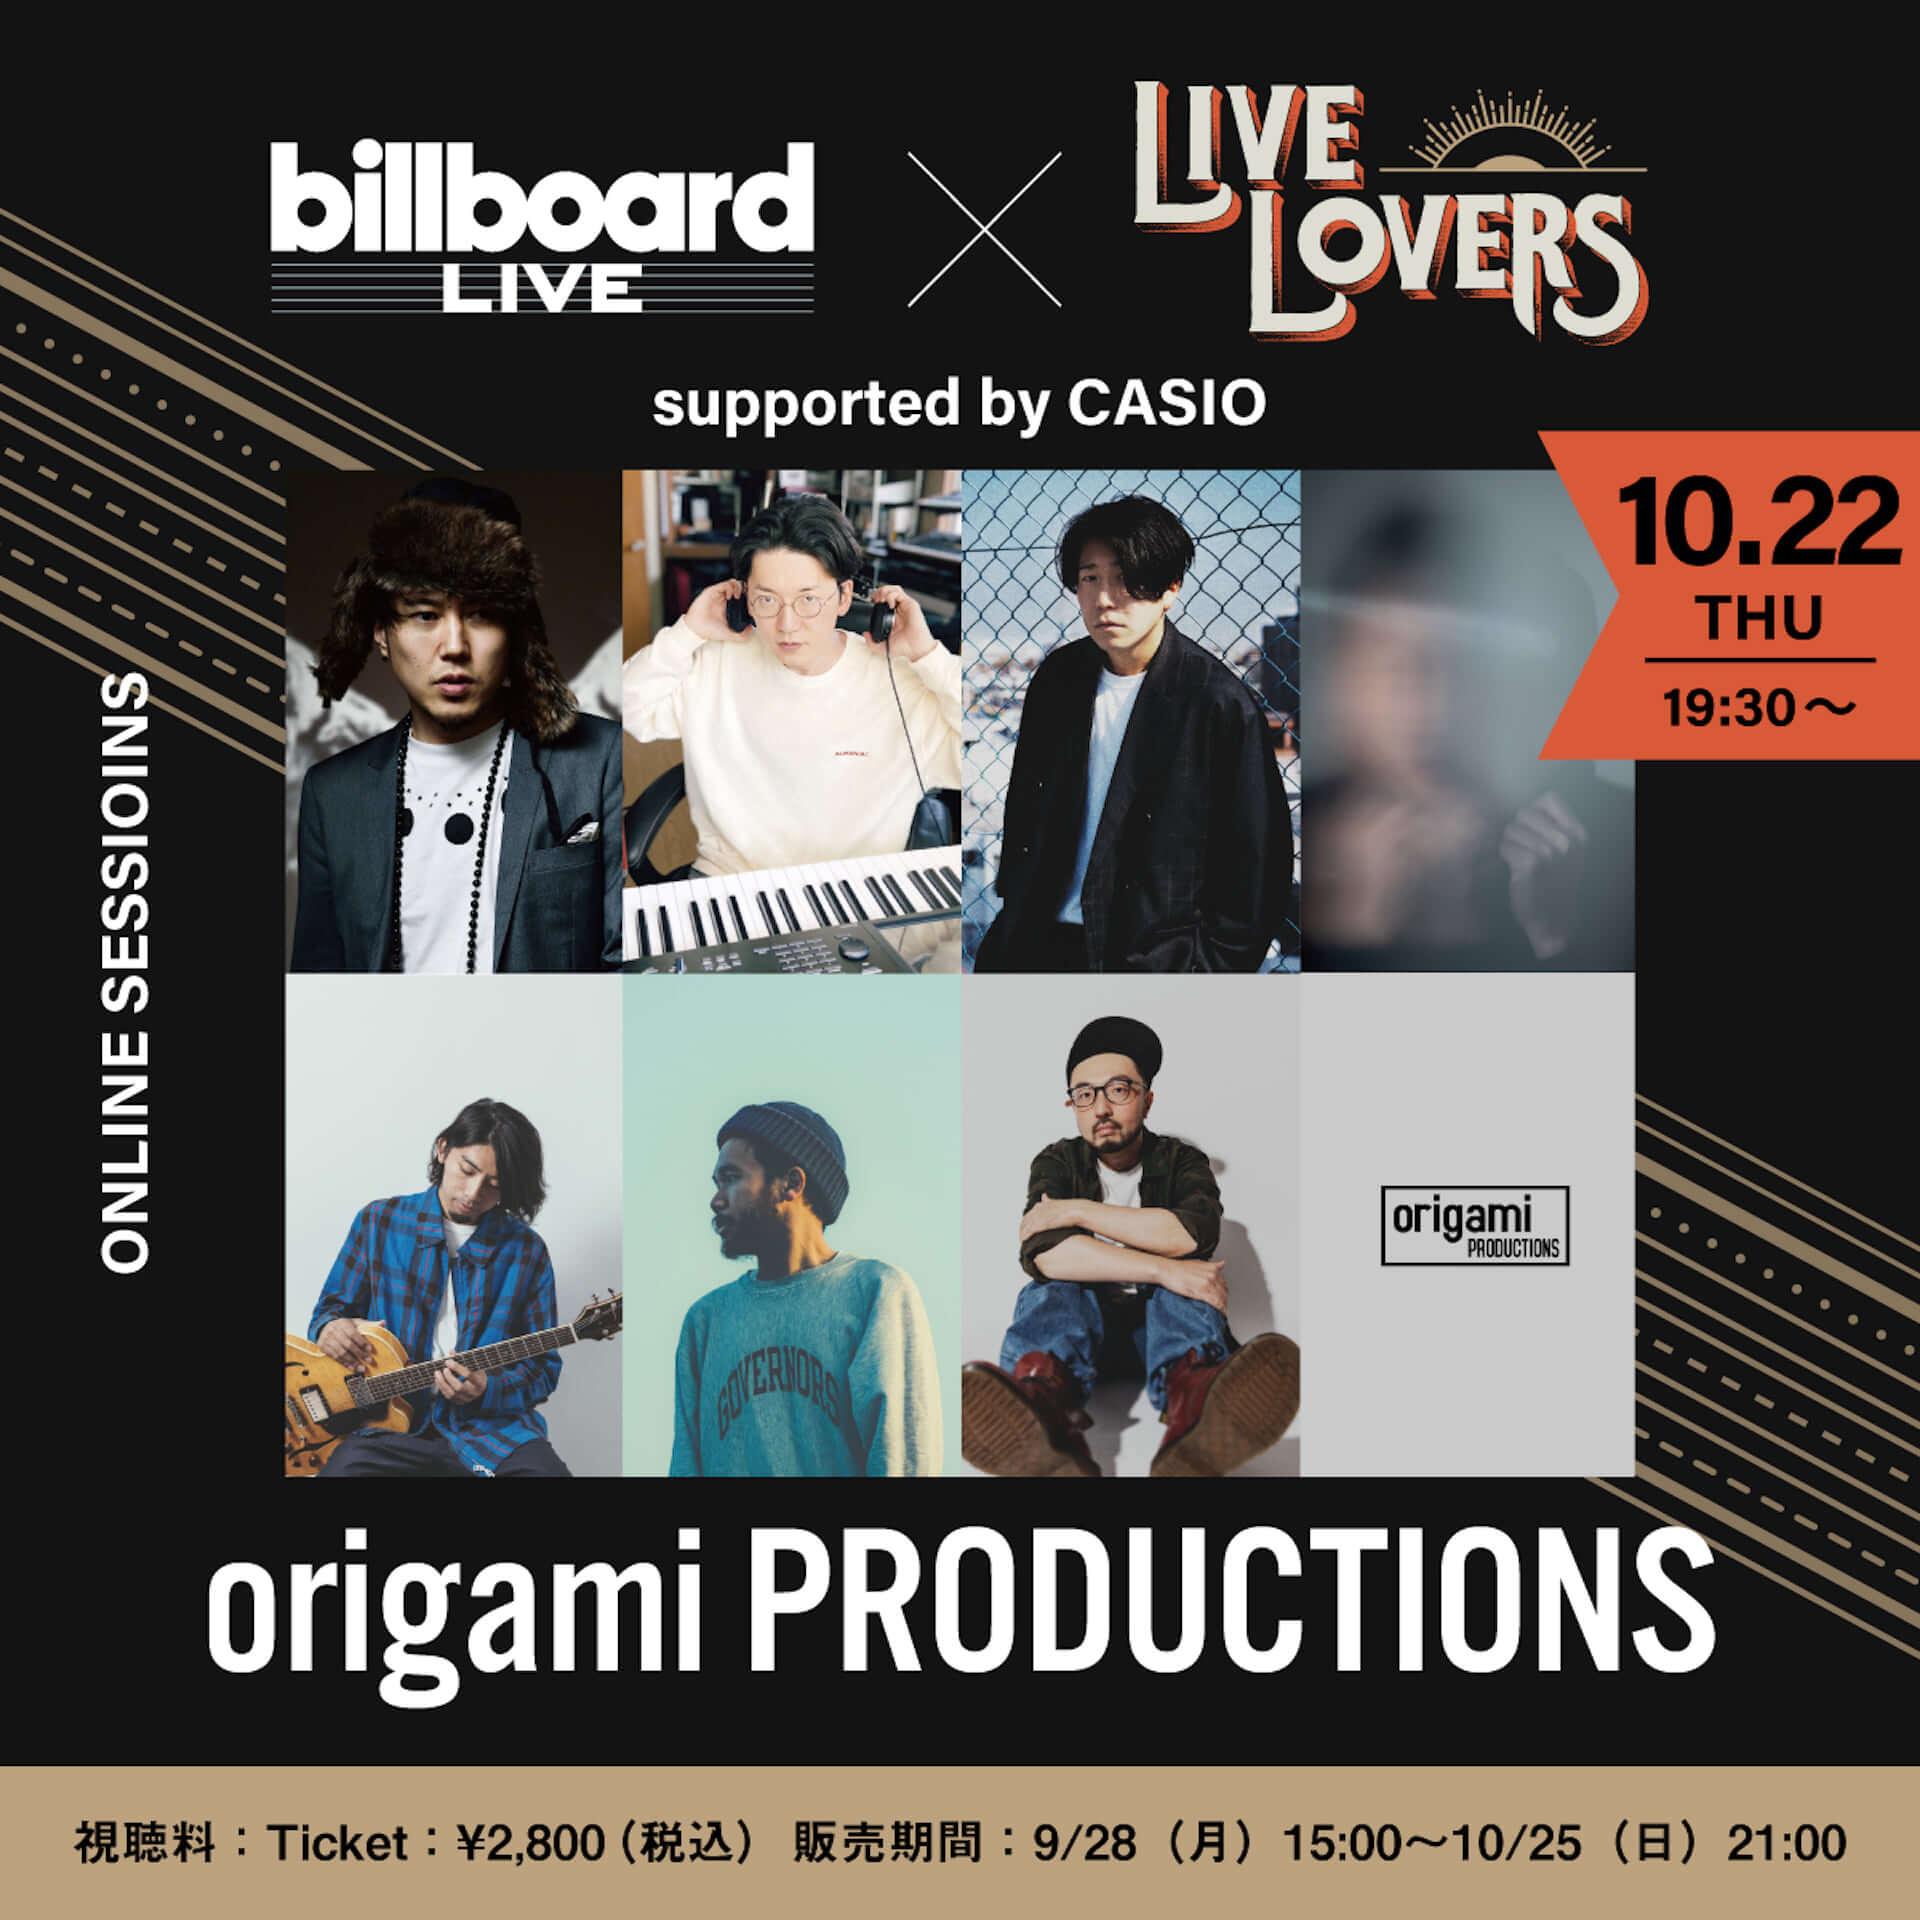 ビルボードライブ×「LIVE LOVERS」の配信ライブに〈origami PRODUCTIONS〉参加決定!Ovall、Kan Sano、mabanua、Michael Kanekoらが出演 music200928_origami-productions_1-1920x1920